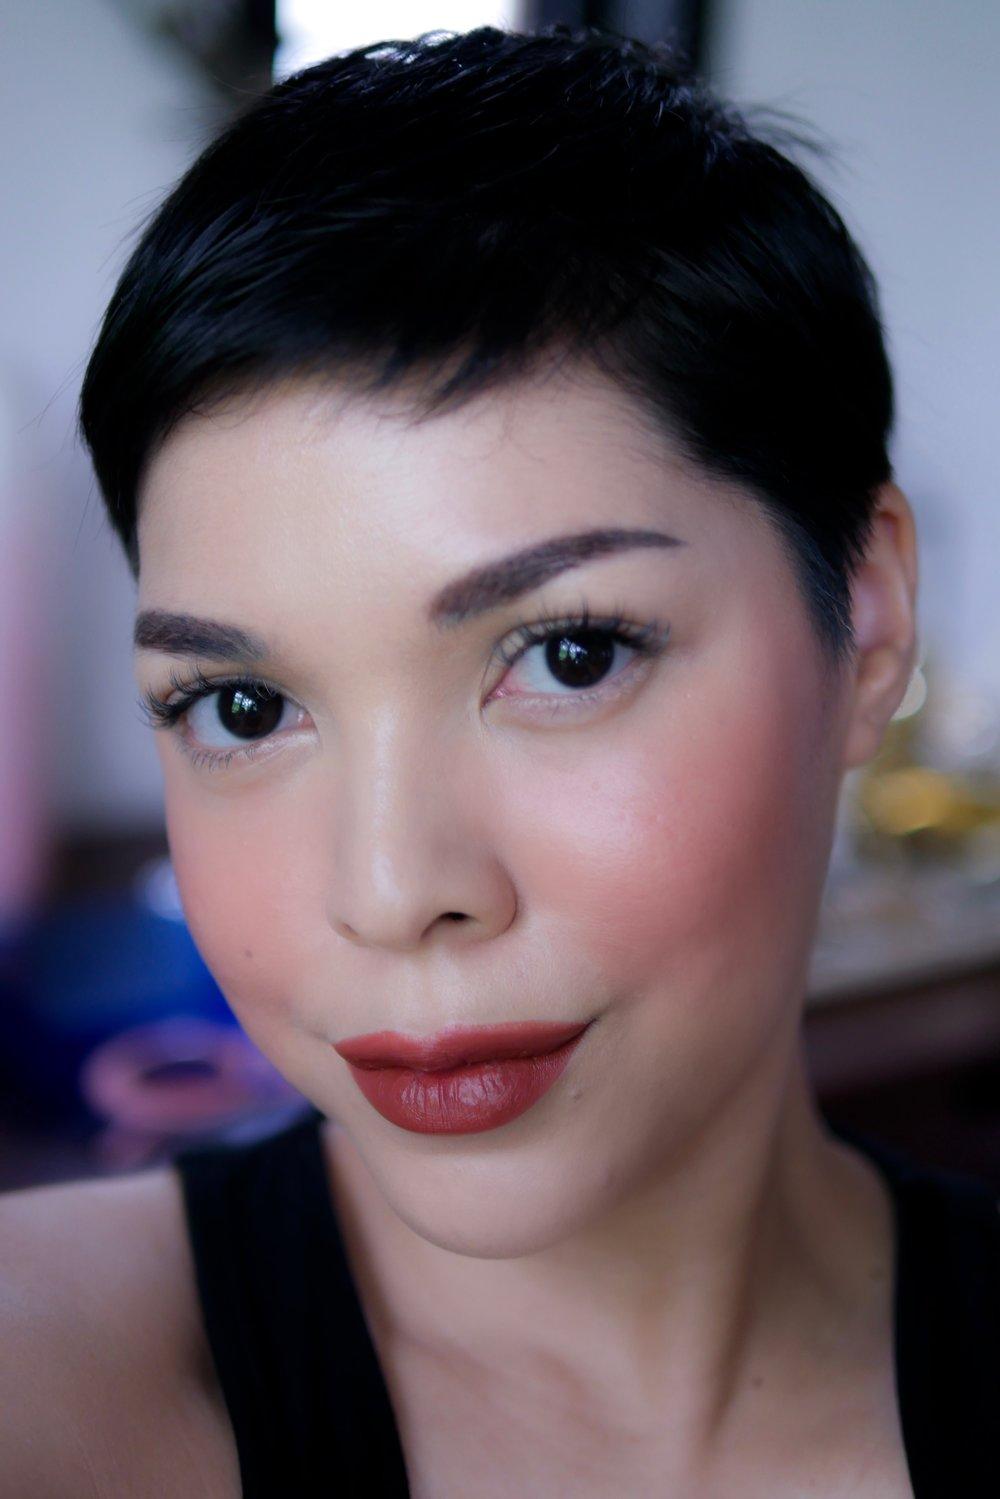 Pipi dan bibir menggunakan  Trope Velvet Matte Lipstick   shade   No.06 Rosewood .